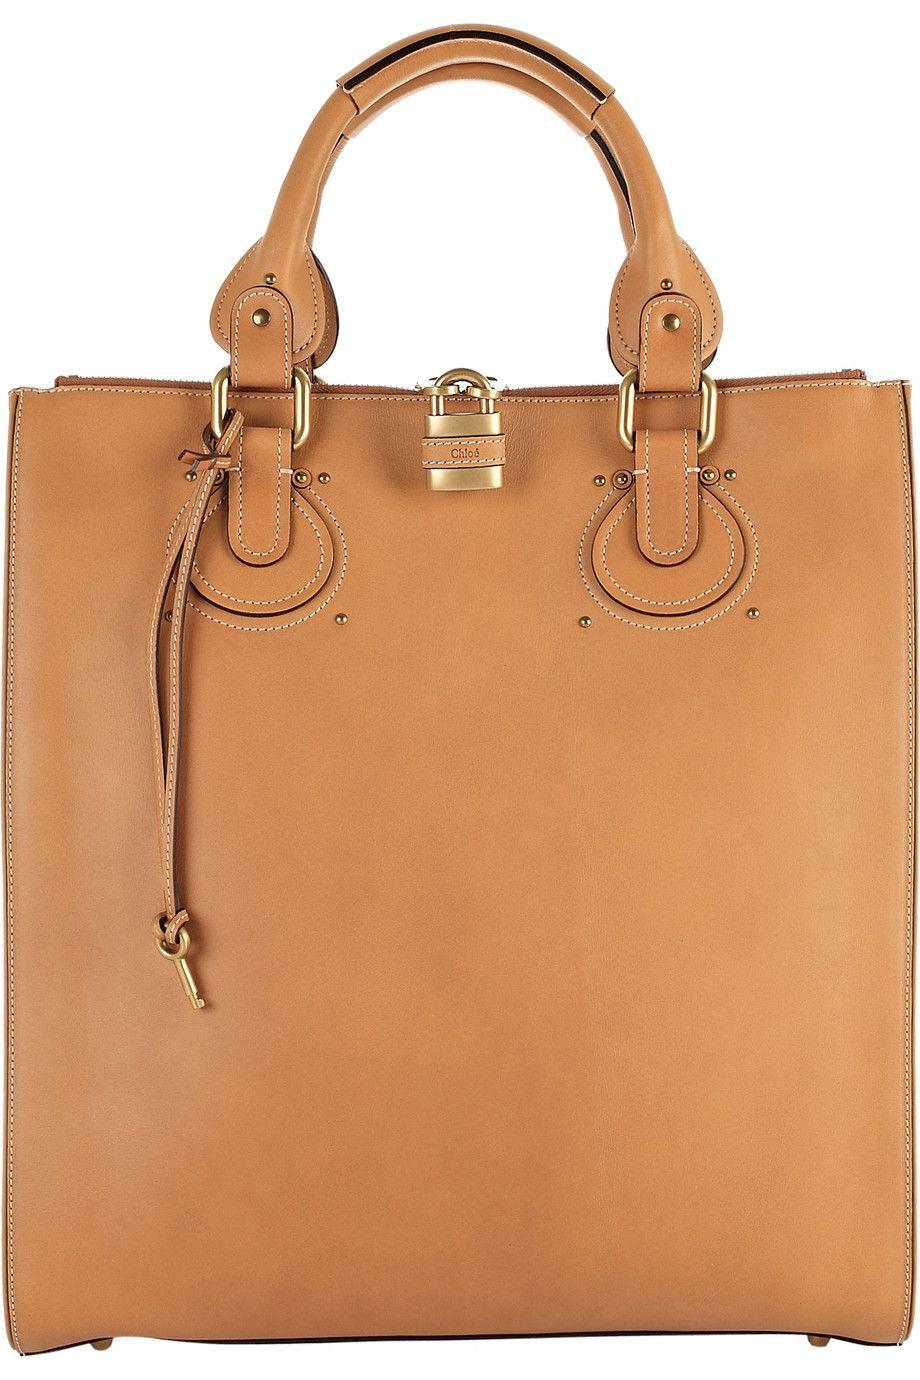 Chloé - Aurore leather tote